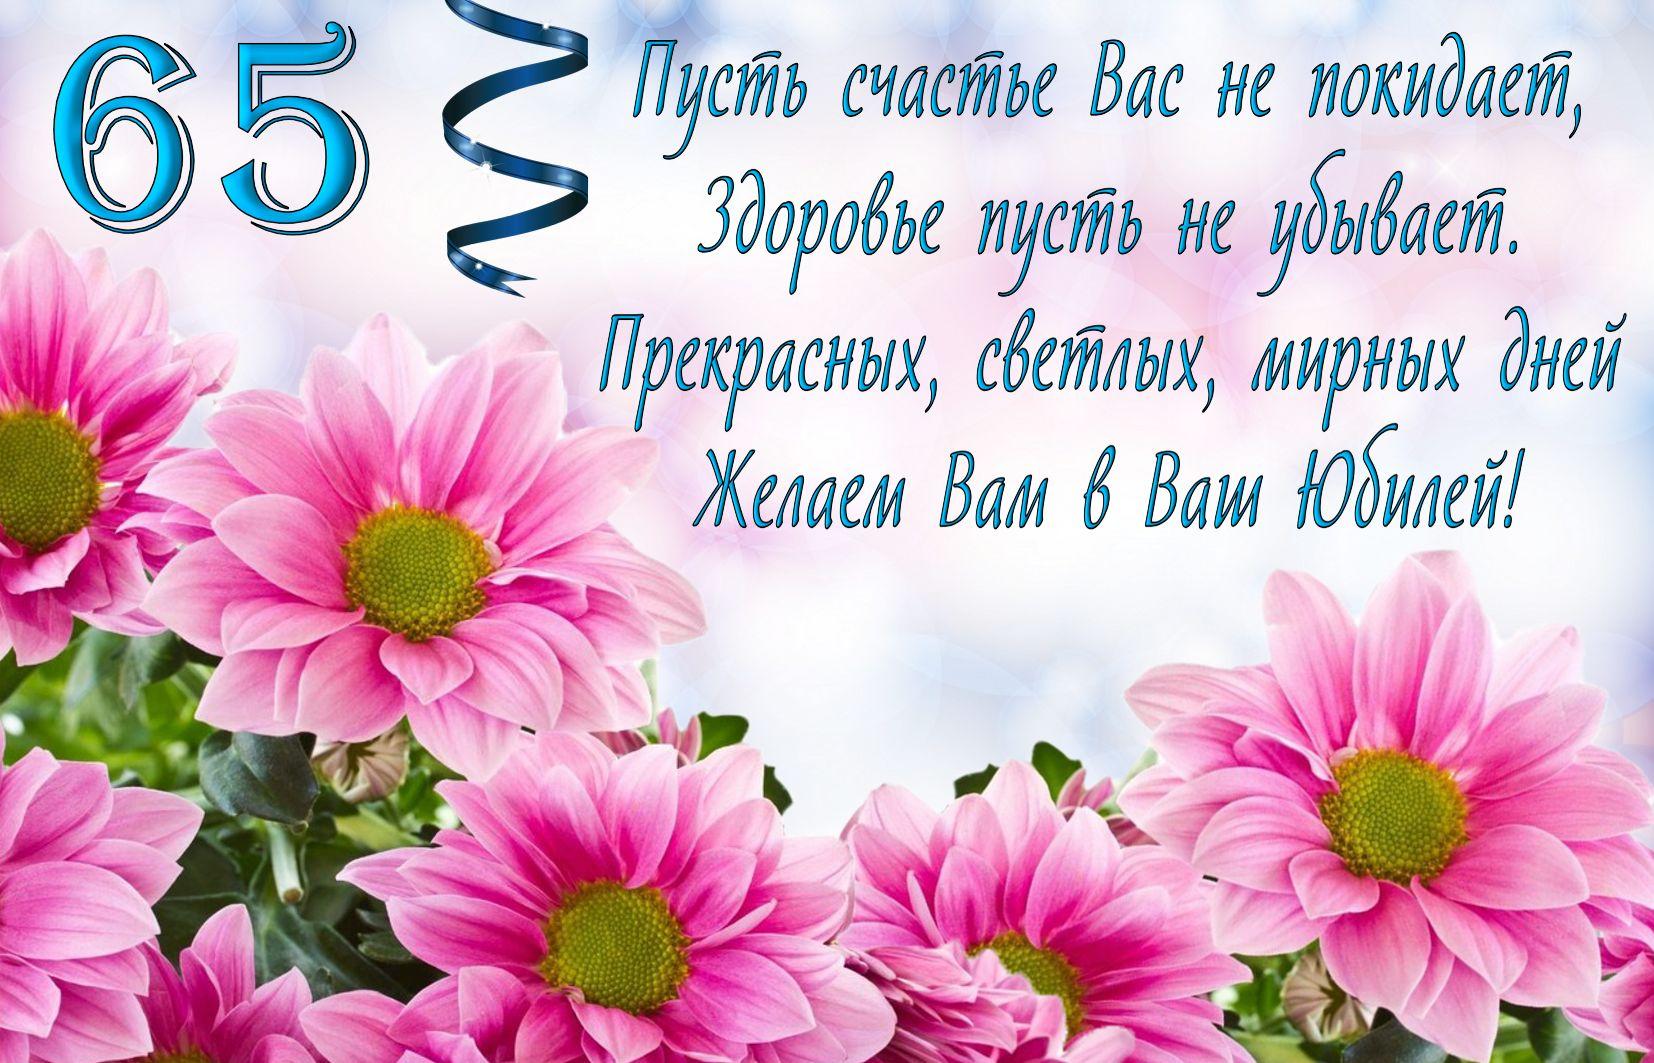 Розовые цветы и пожелание к юбилею 65 лет